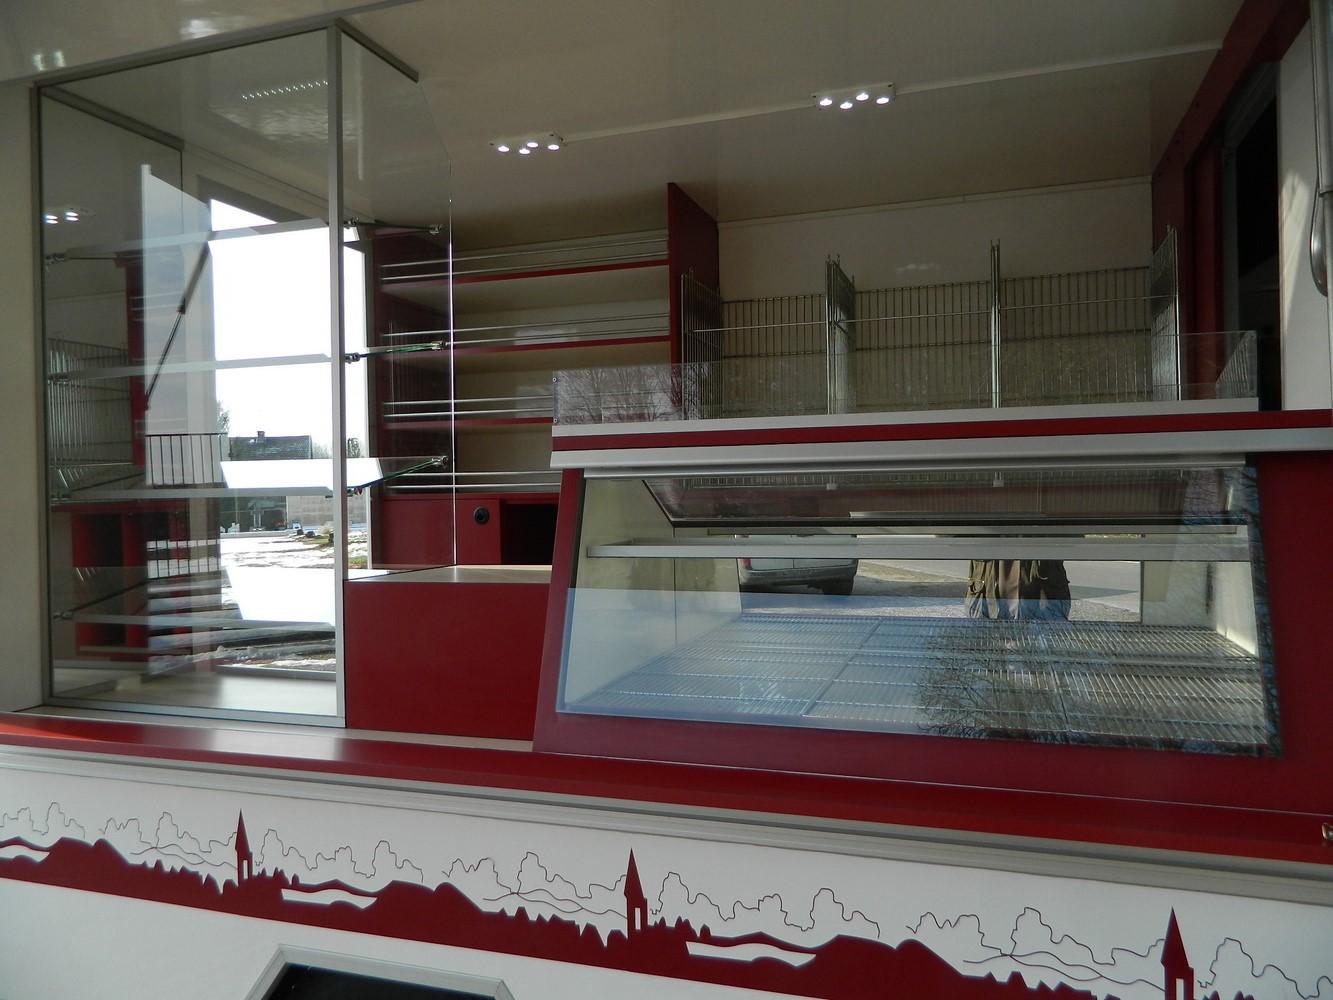 Le-Camion-Magazin-Boulangerie-Cellule5